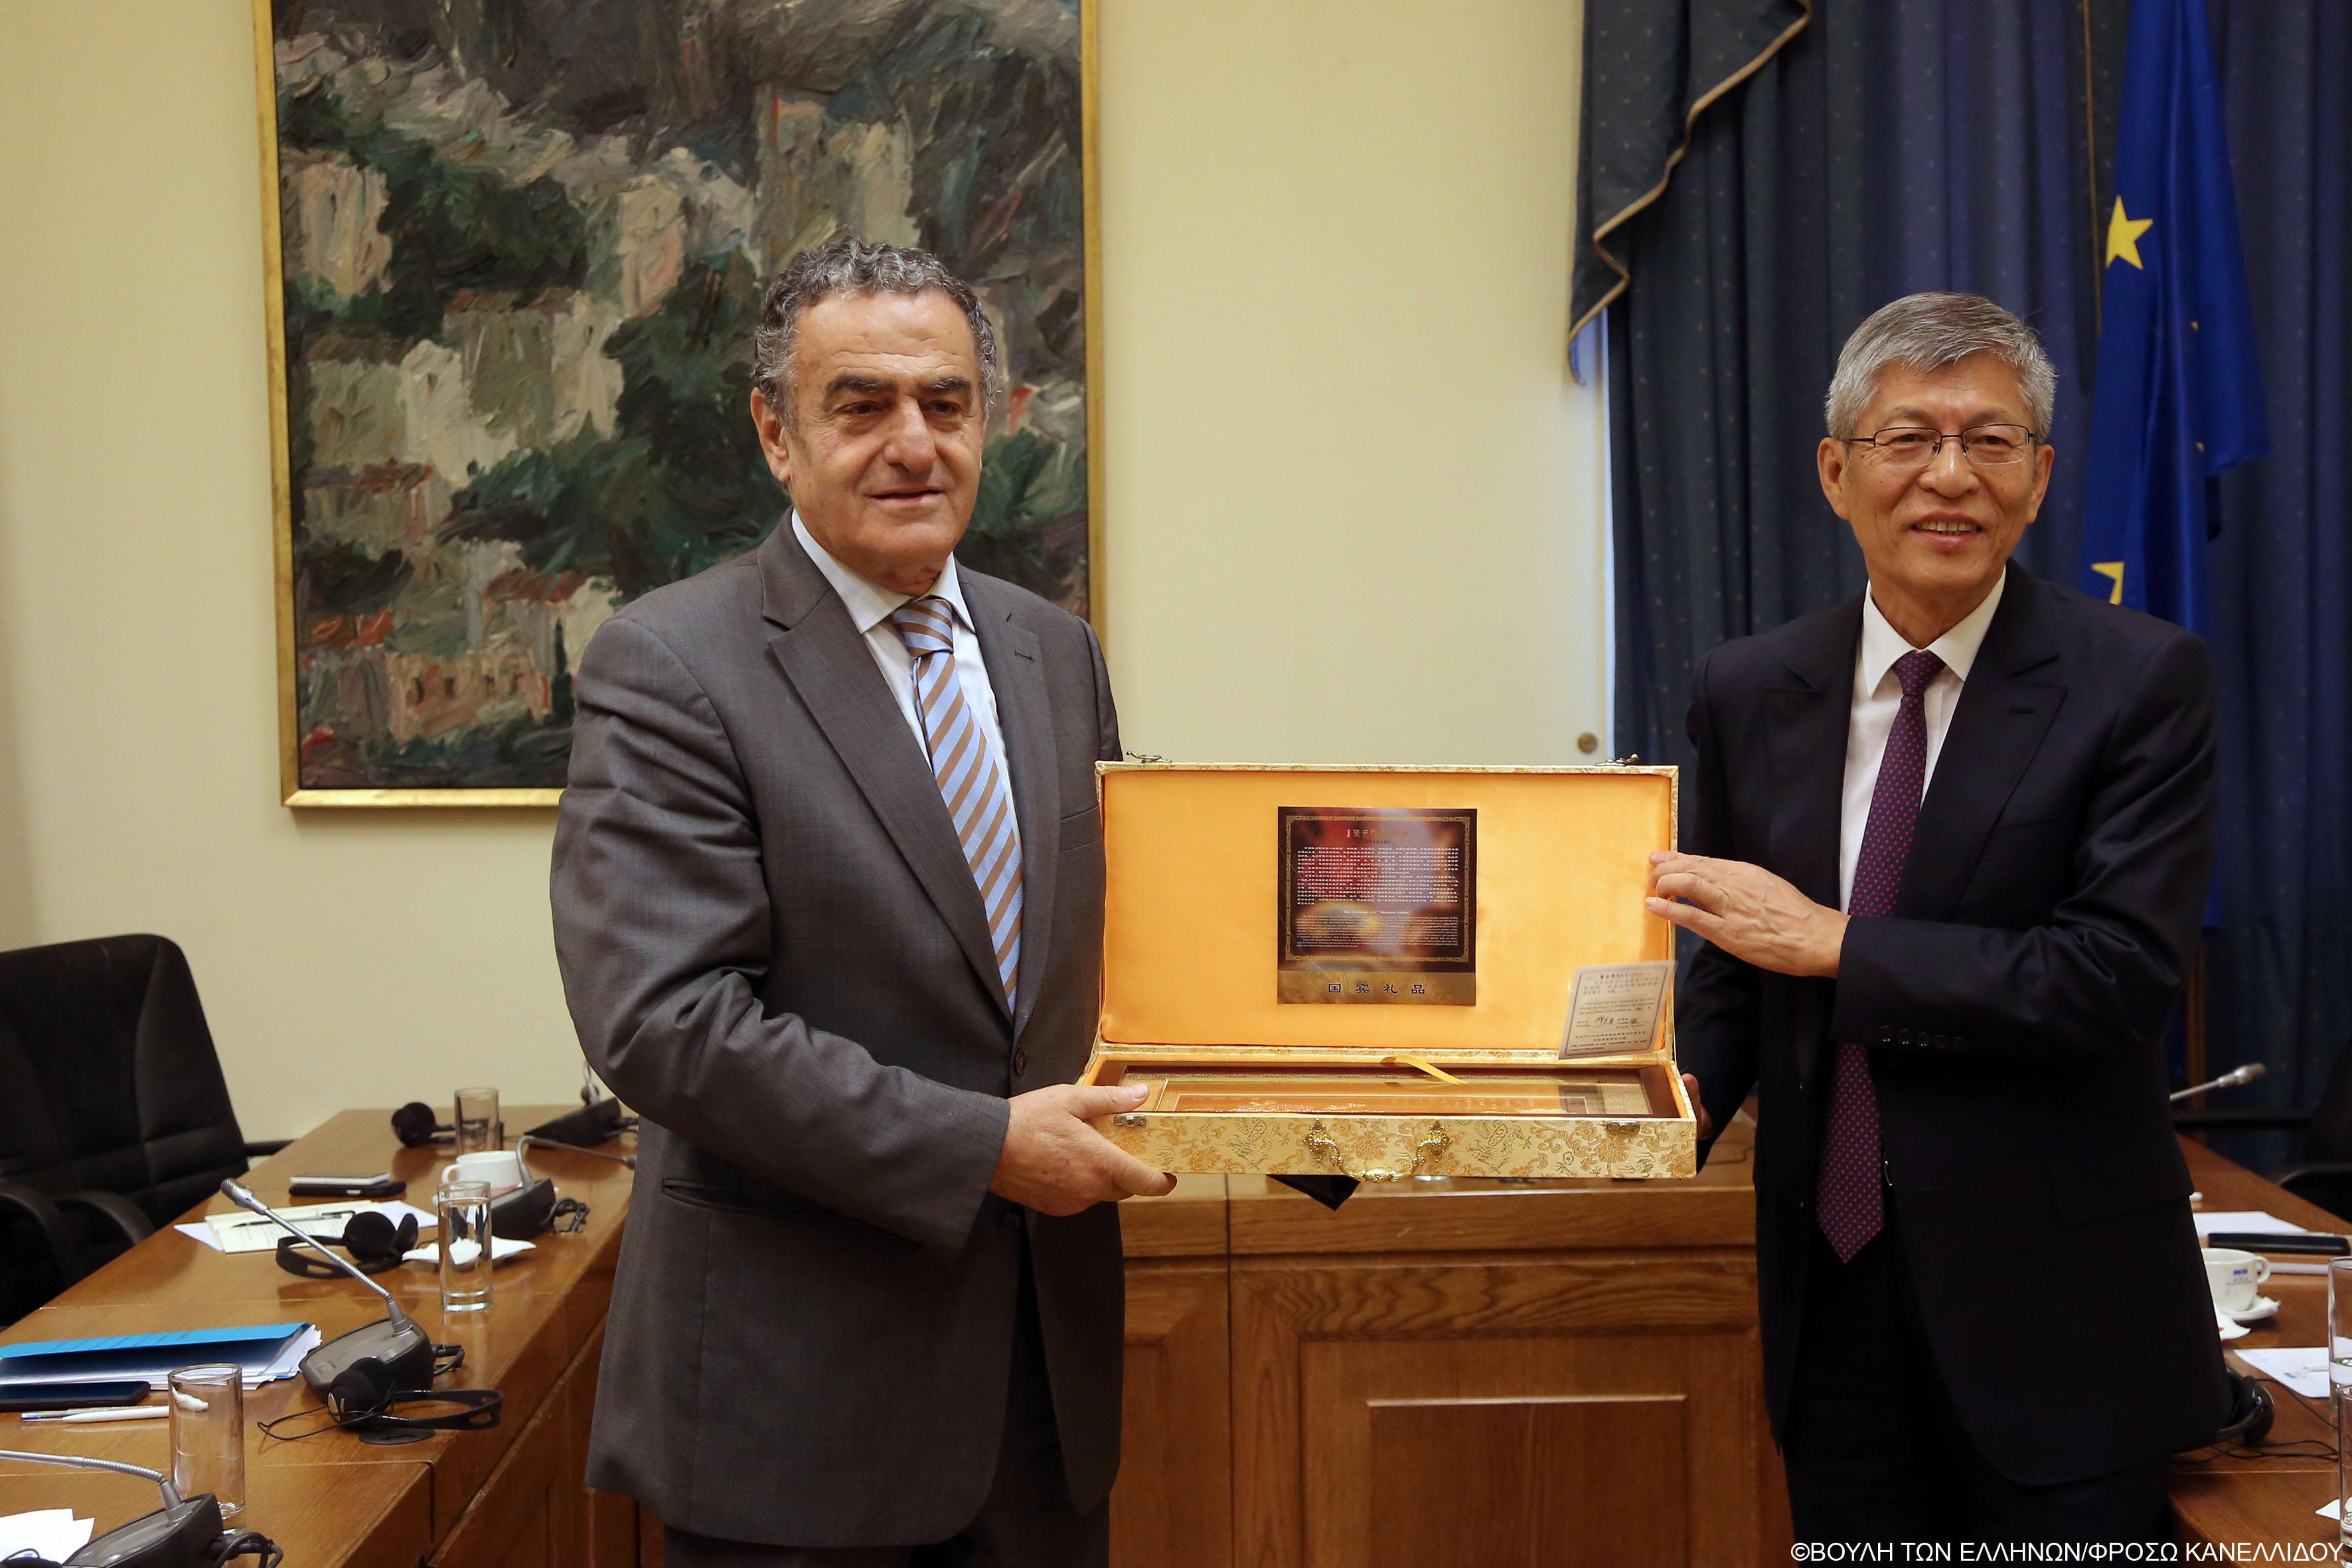 Συνάντηση με Αντιπροσωπεία του Εθνικού Κογκρέσου της Κίνας